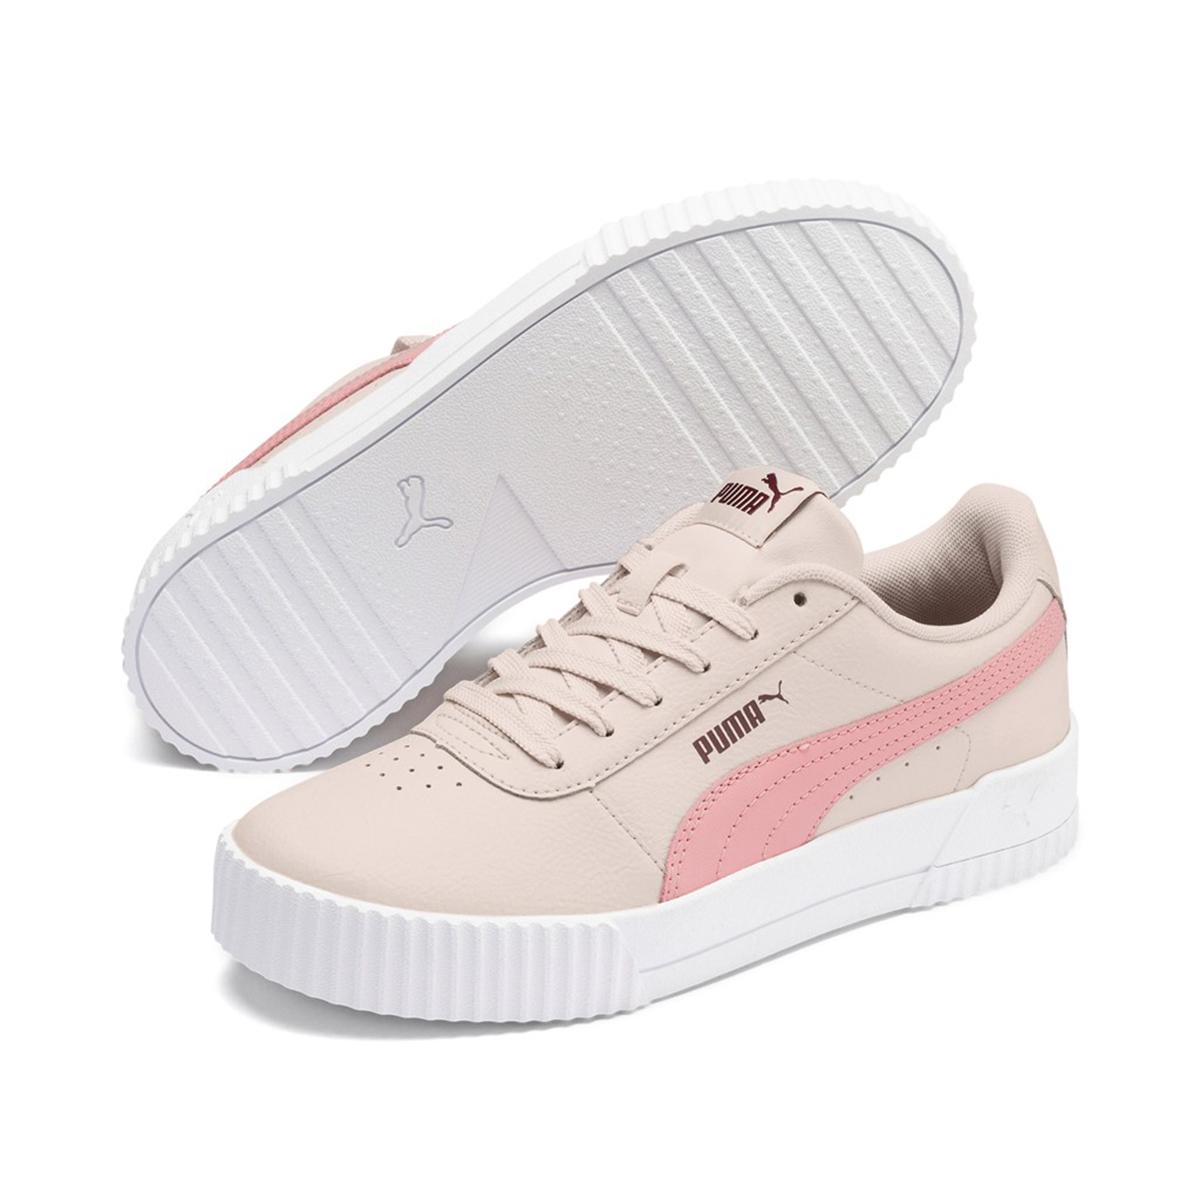 Puma Carina L Damen Sneaker Leder Schuhe Rosa 370325 05